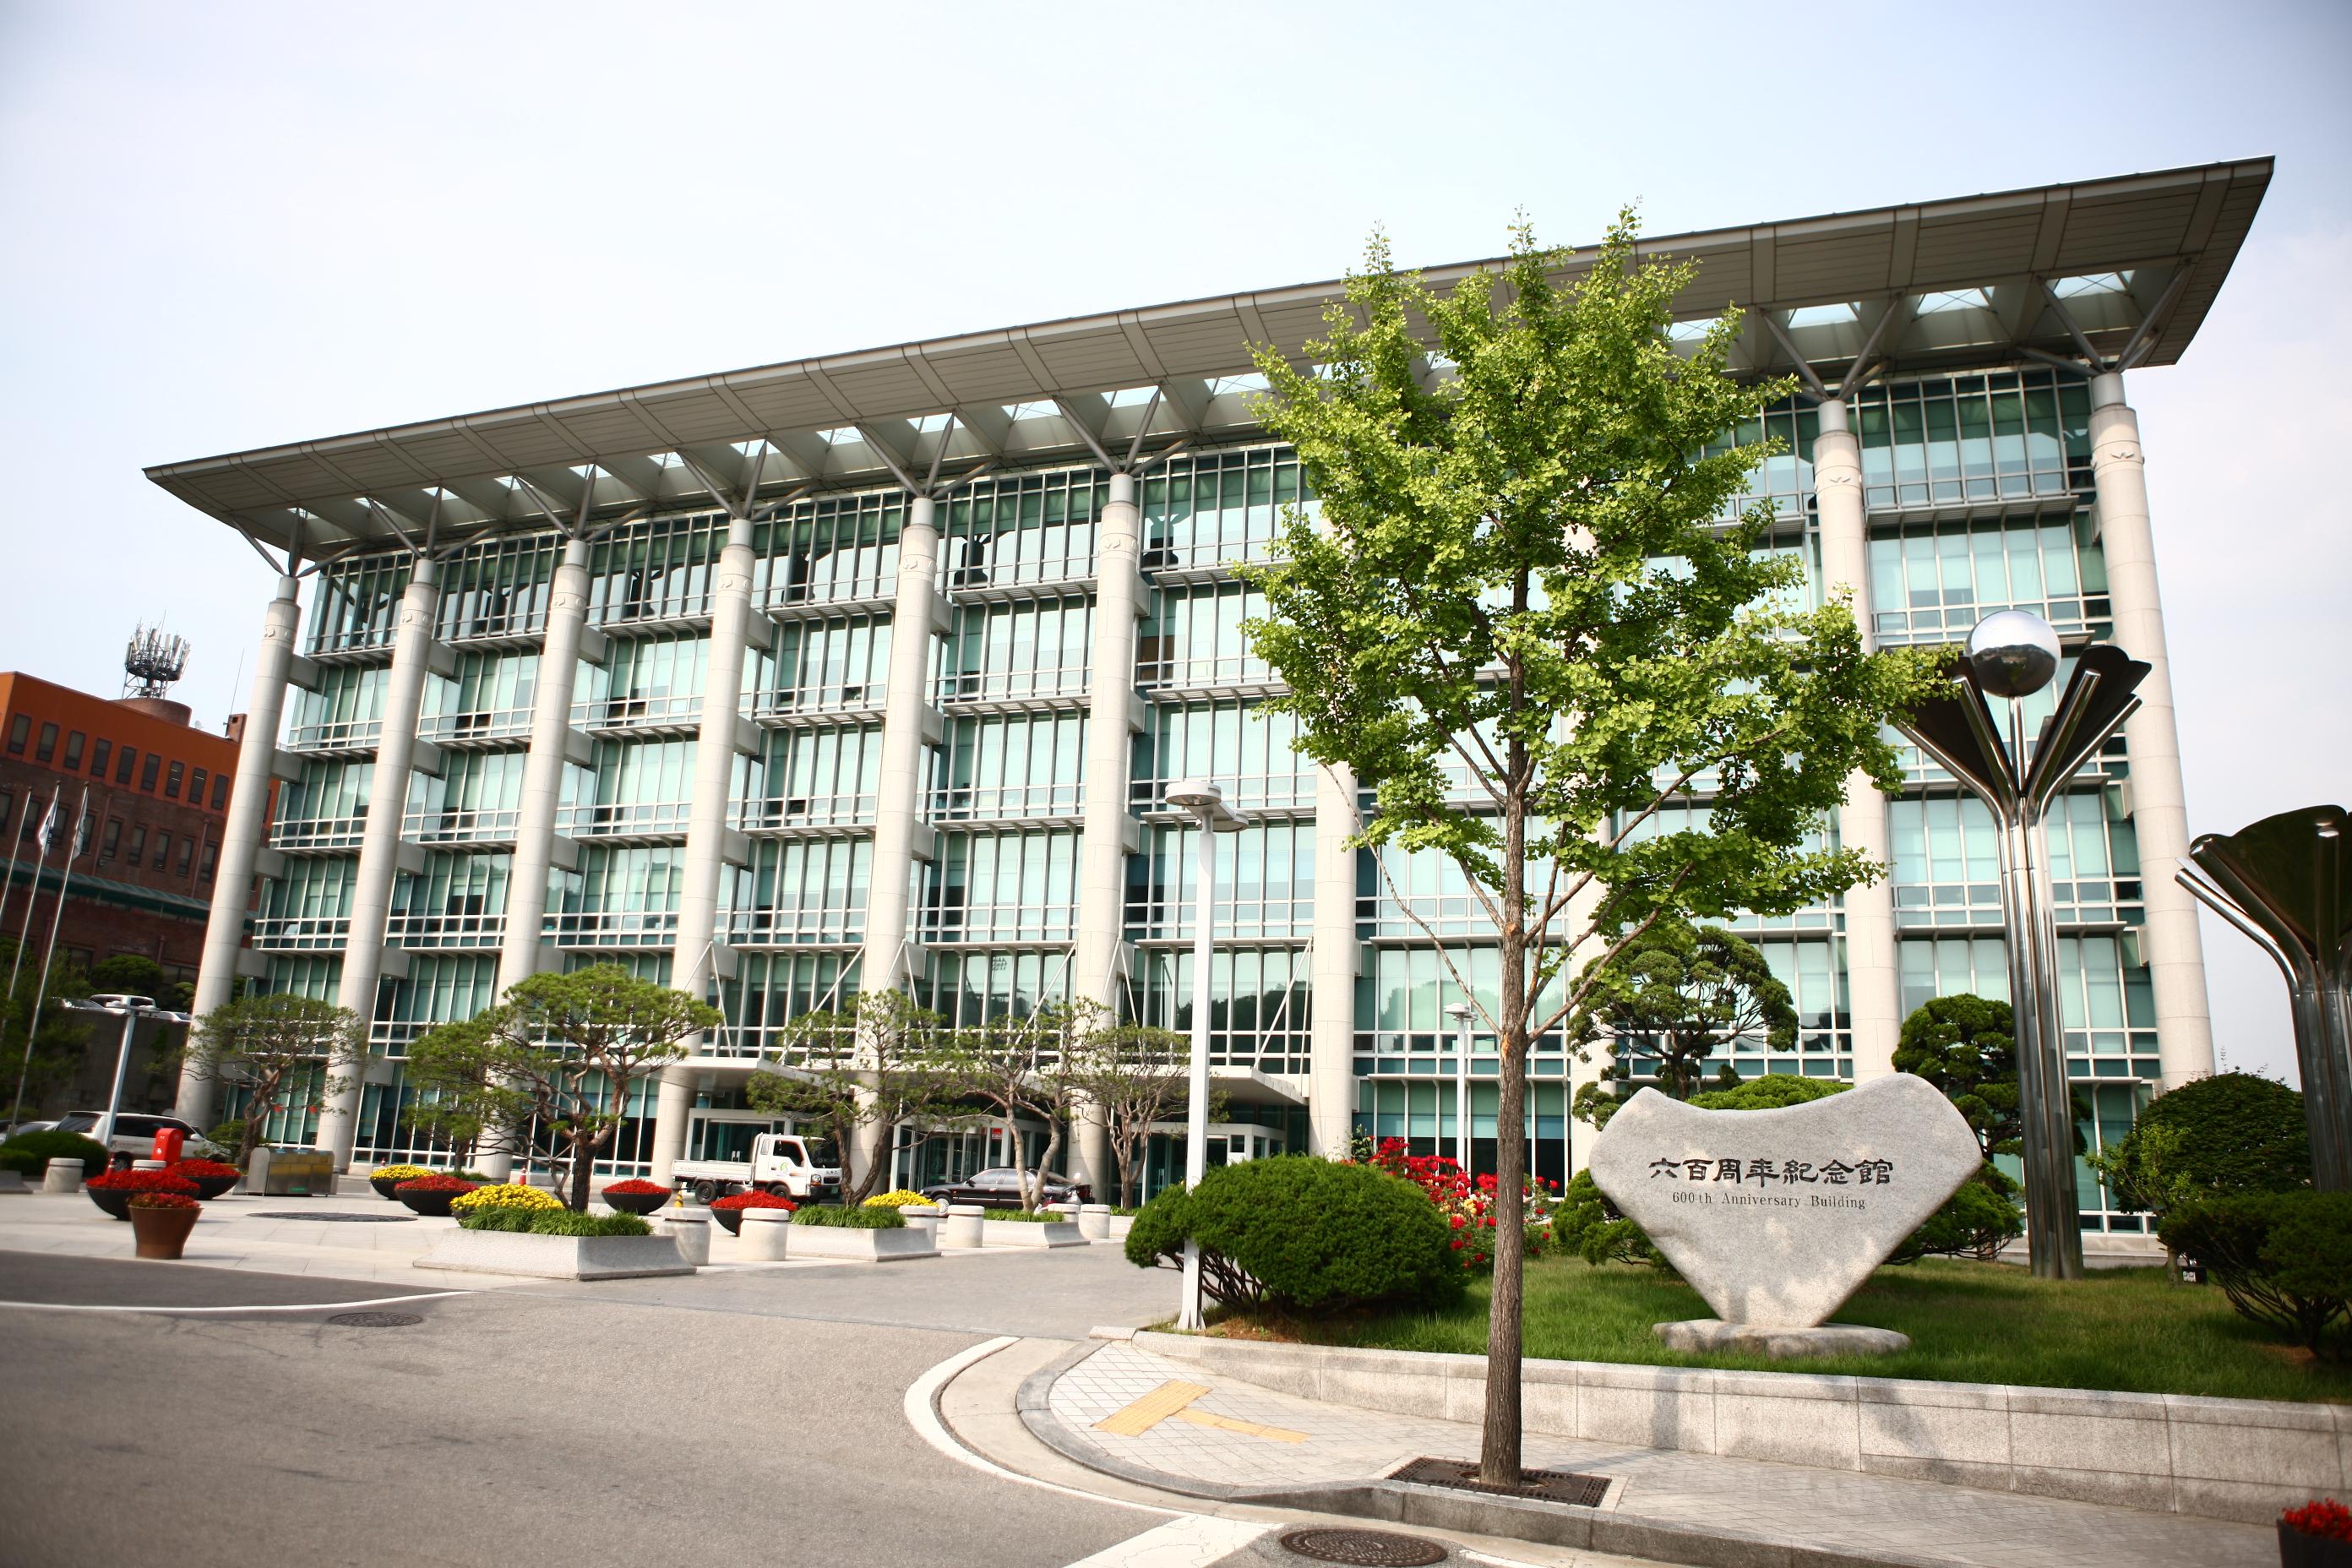 10 มหาวิทยาลัยน่าเรียน ประเทศเกาหลีใต้